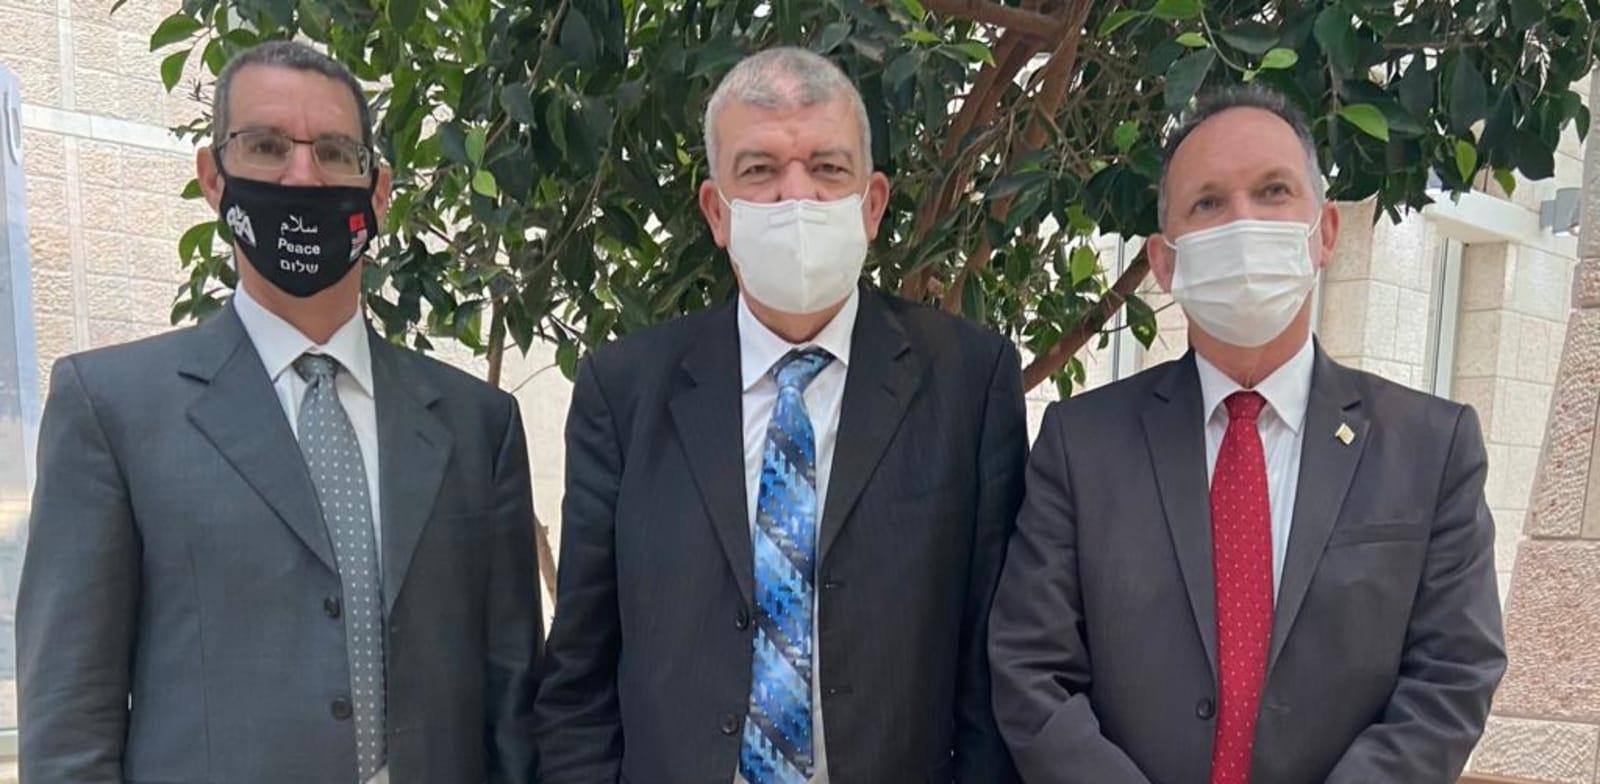 """גיל השכל, משרד החוץ, מנהל מחלקת המגרב באגף מזה""""ת, ליאור בן דור ועבדל-רחים ביוד, מנהל הנציגות המרוקנית / צילום: משרד החוץ"""